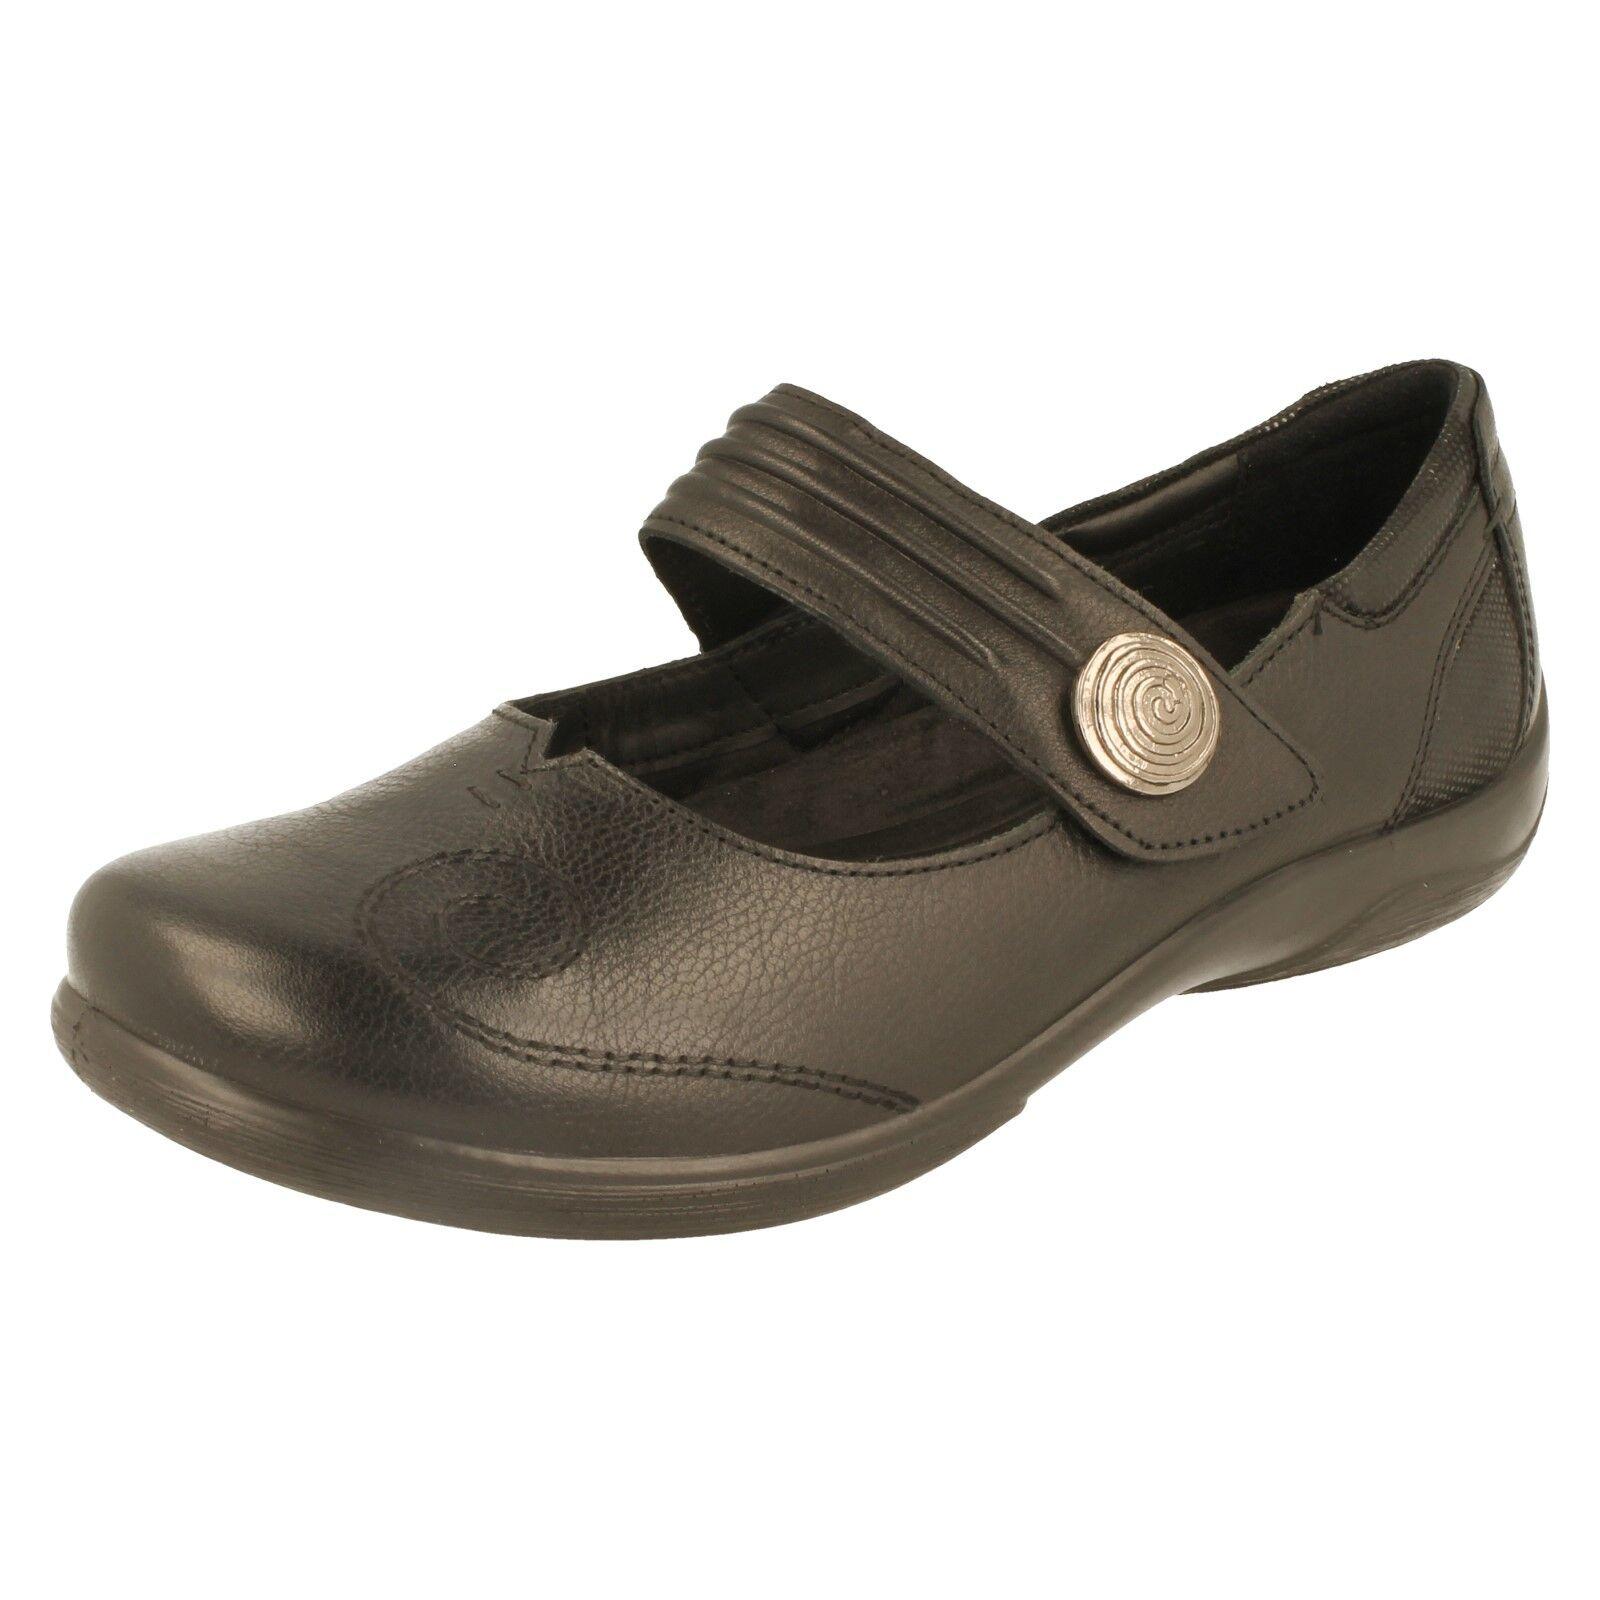 Mujer Padders Plano Zapatos de de de cuero - poem  precio razonable